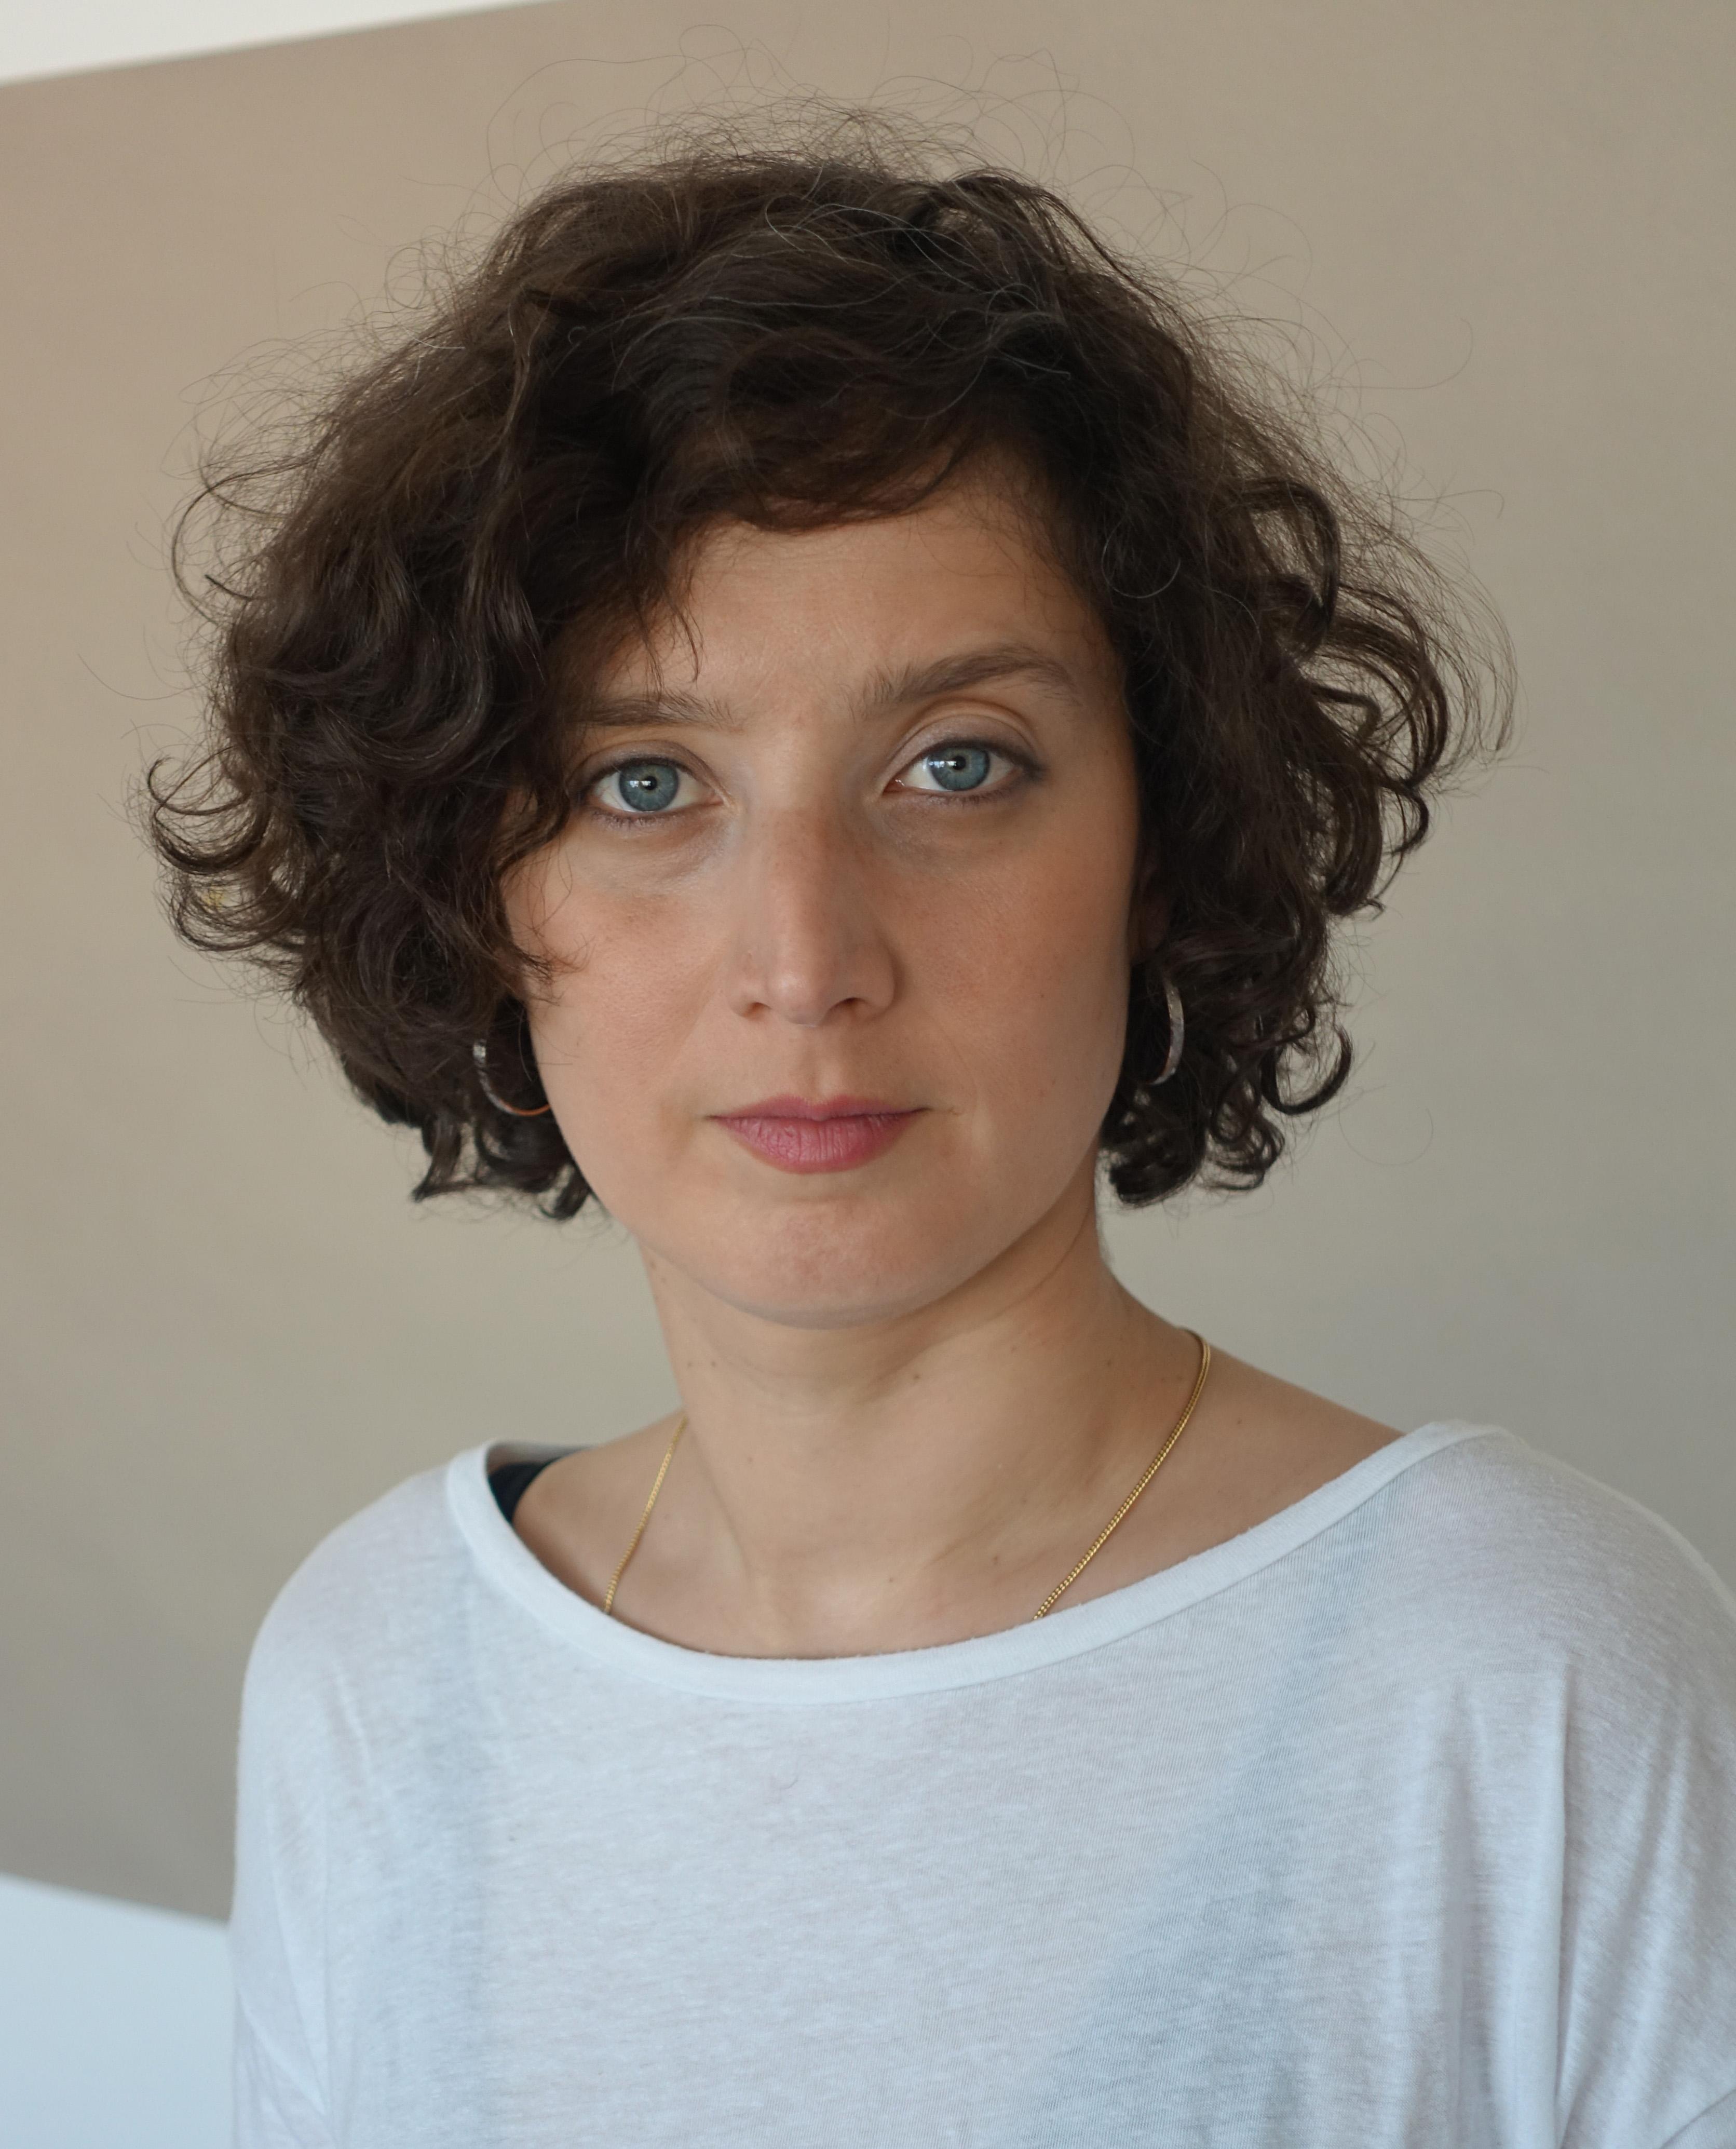 Nadira Husain